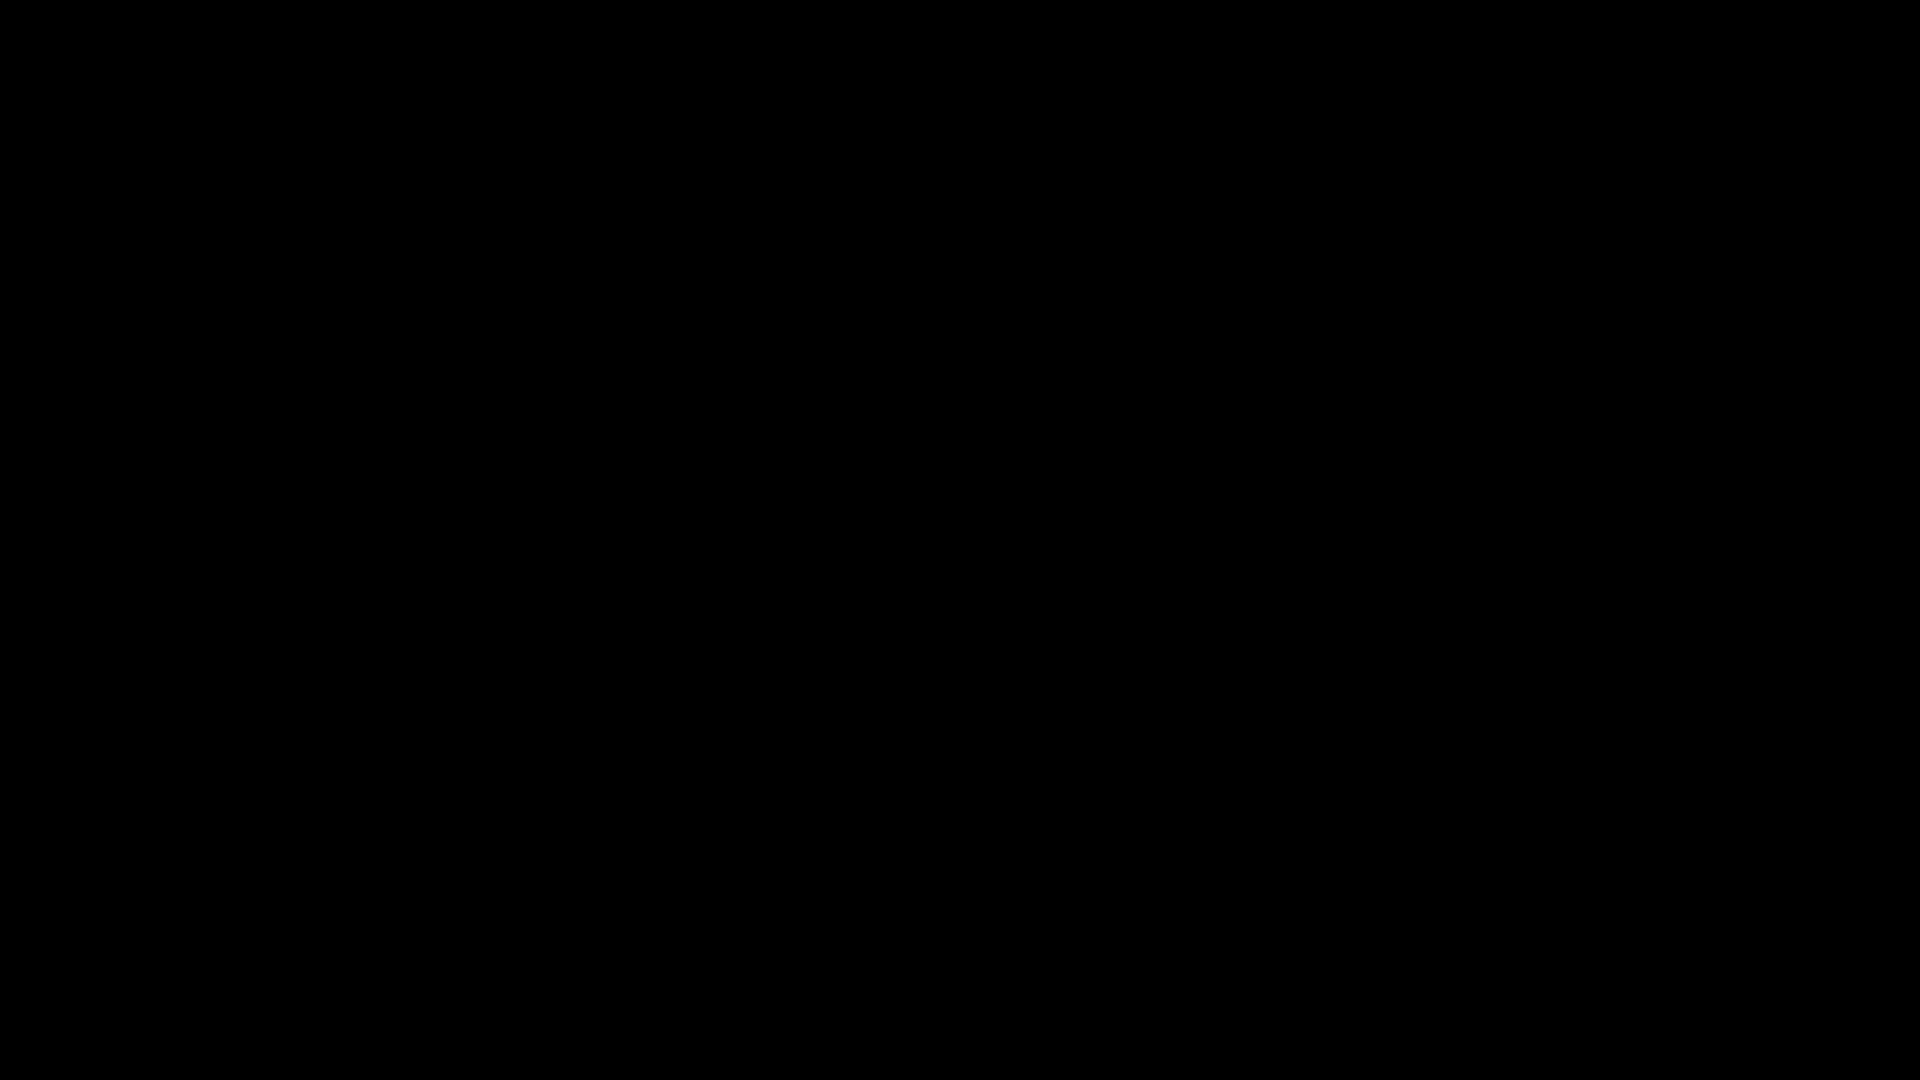 Zebra Roller Blind, dubbele Stof Tinten dag en nacht rolgordijnen Voor Slaapkamer Privacy, Woonkamer, kantoor, Cafe